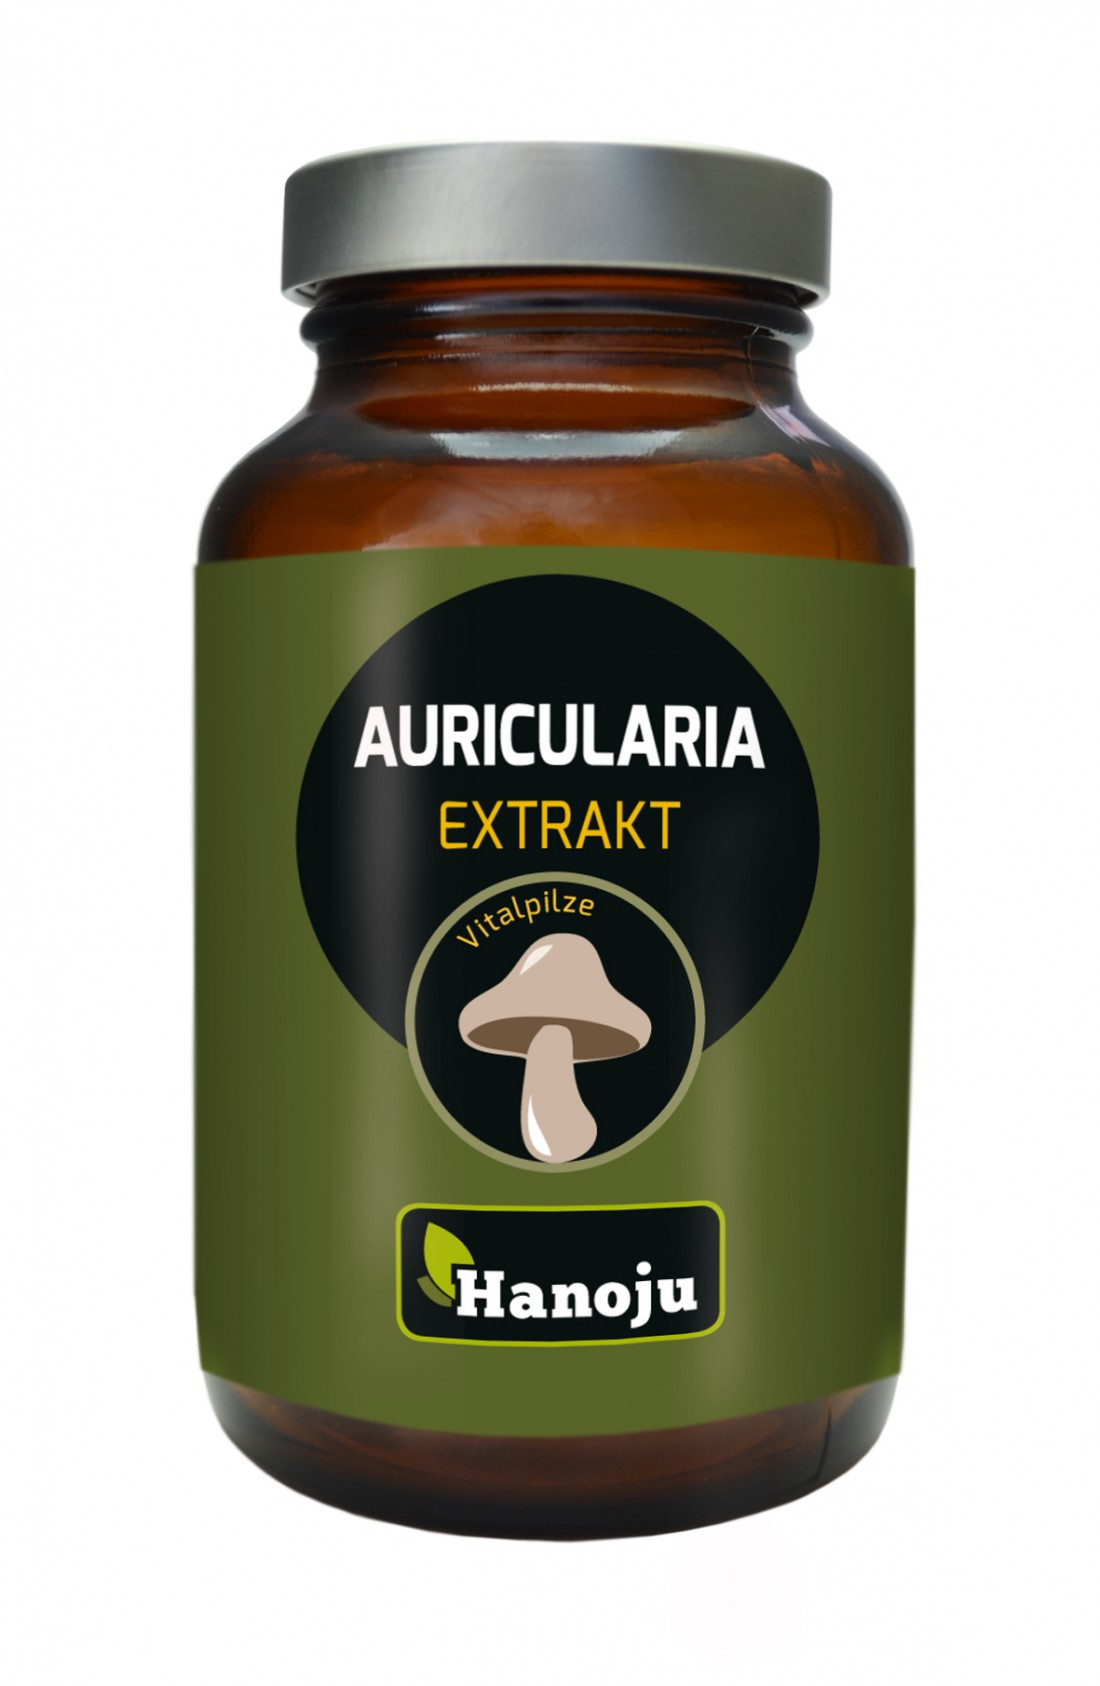 Champignon - Oreille de Judas - Auricularia - 450 mg - 90 comprimés